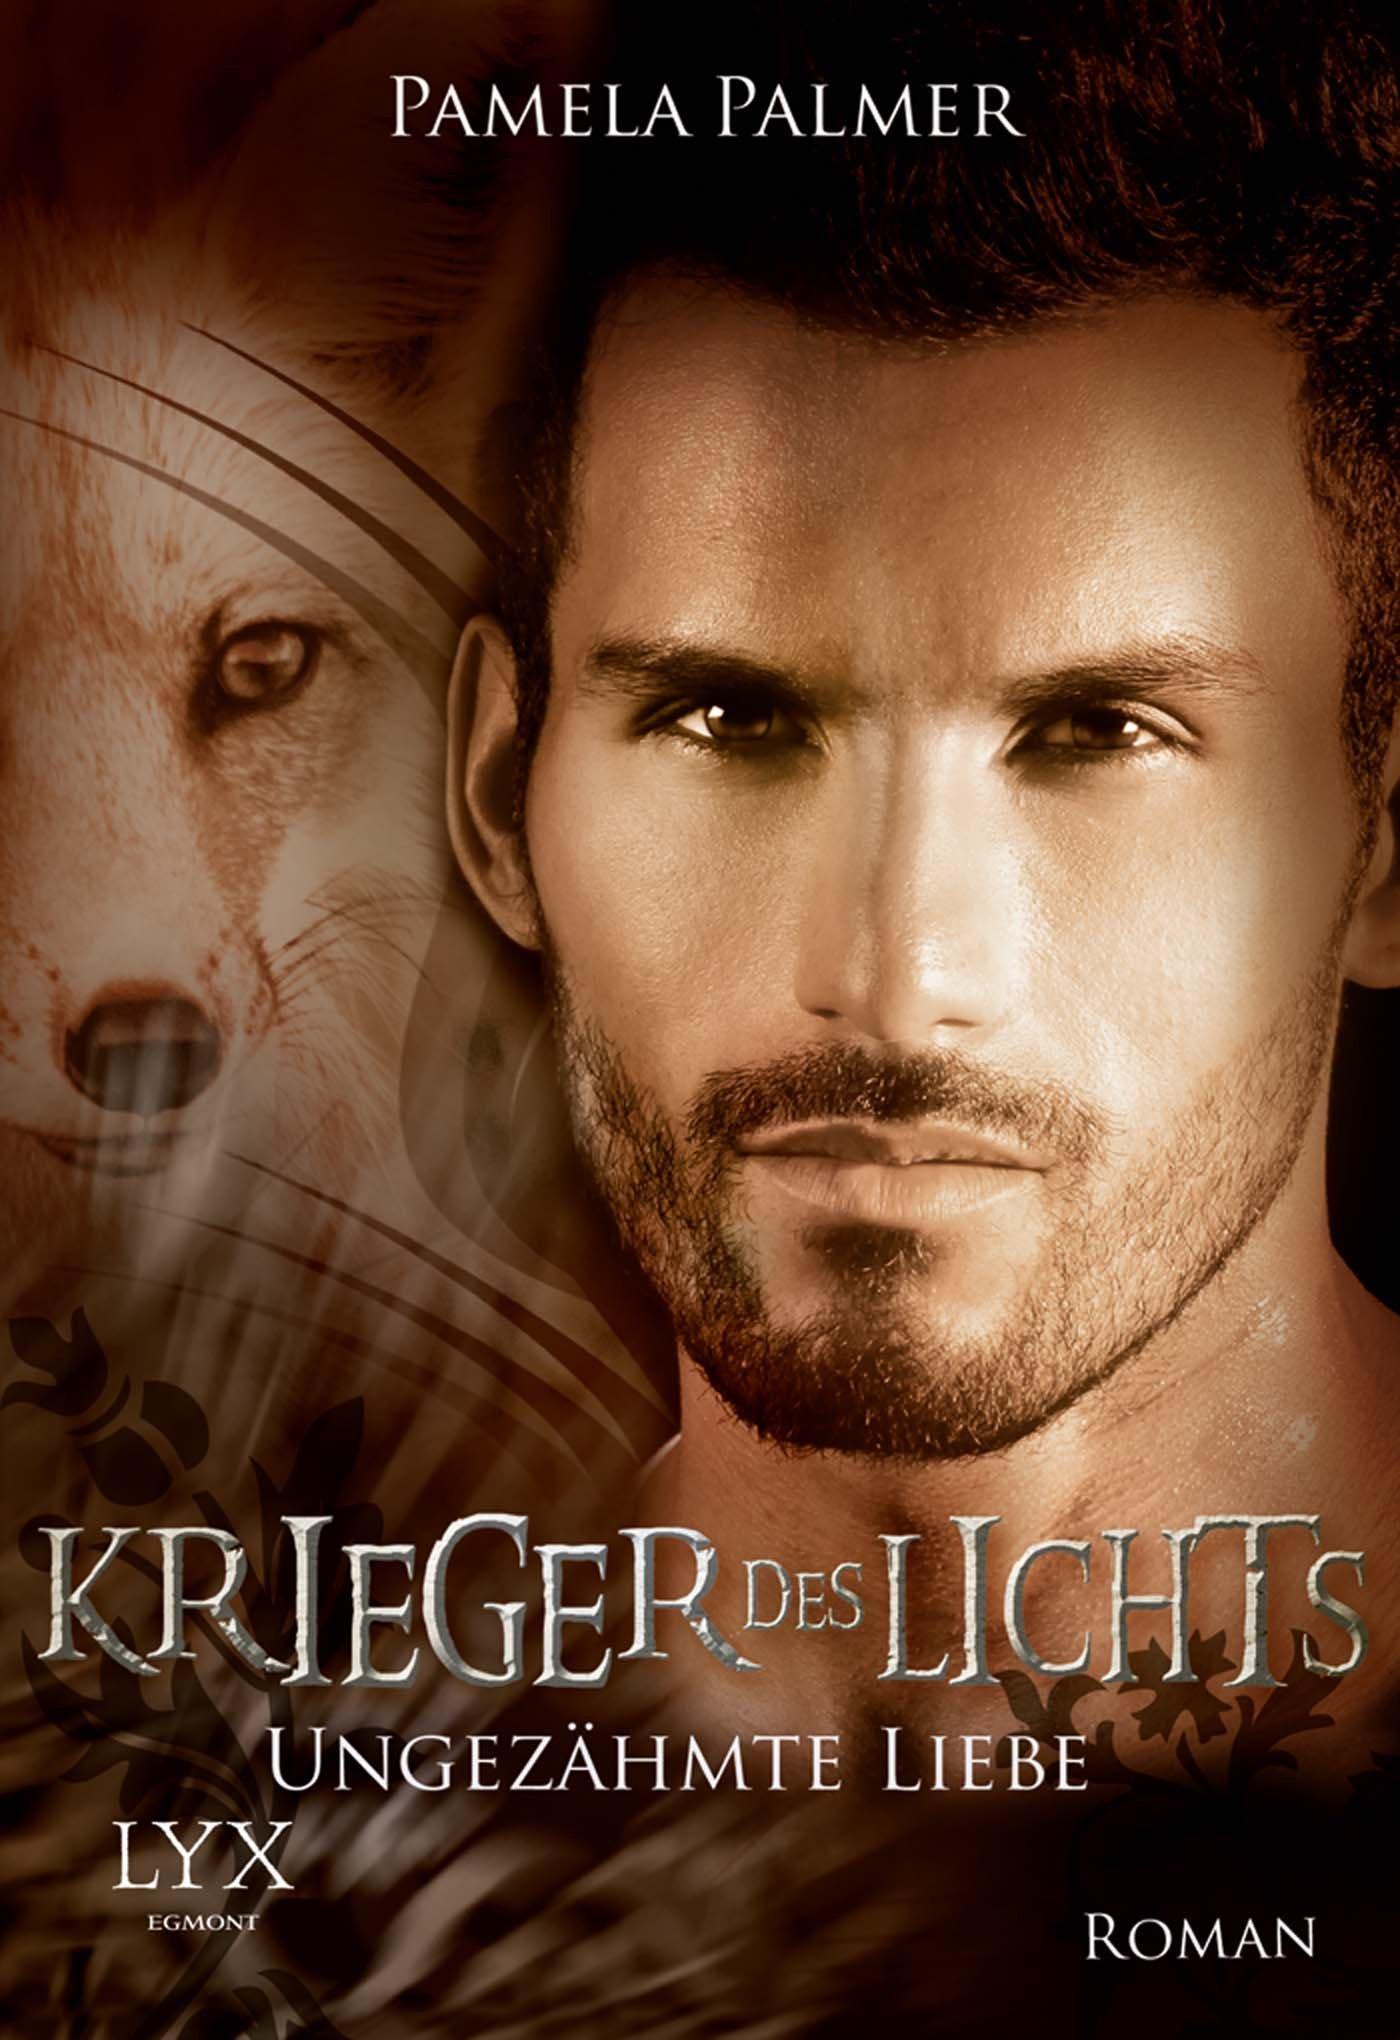 Krieger Des Lichts Film Krieger Des Lichts Ungezähmte